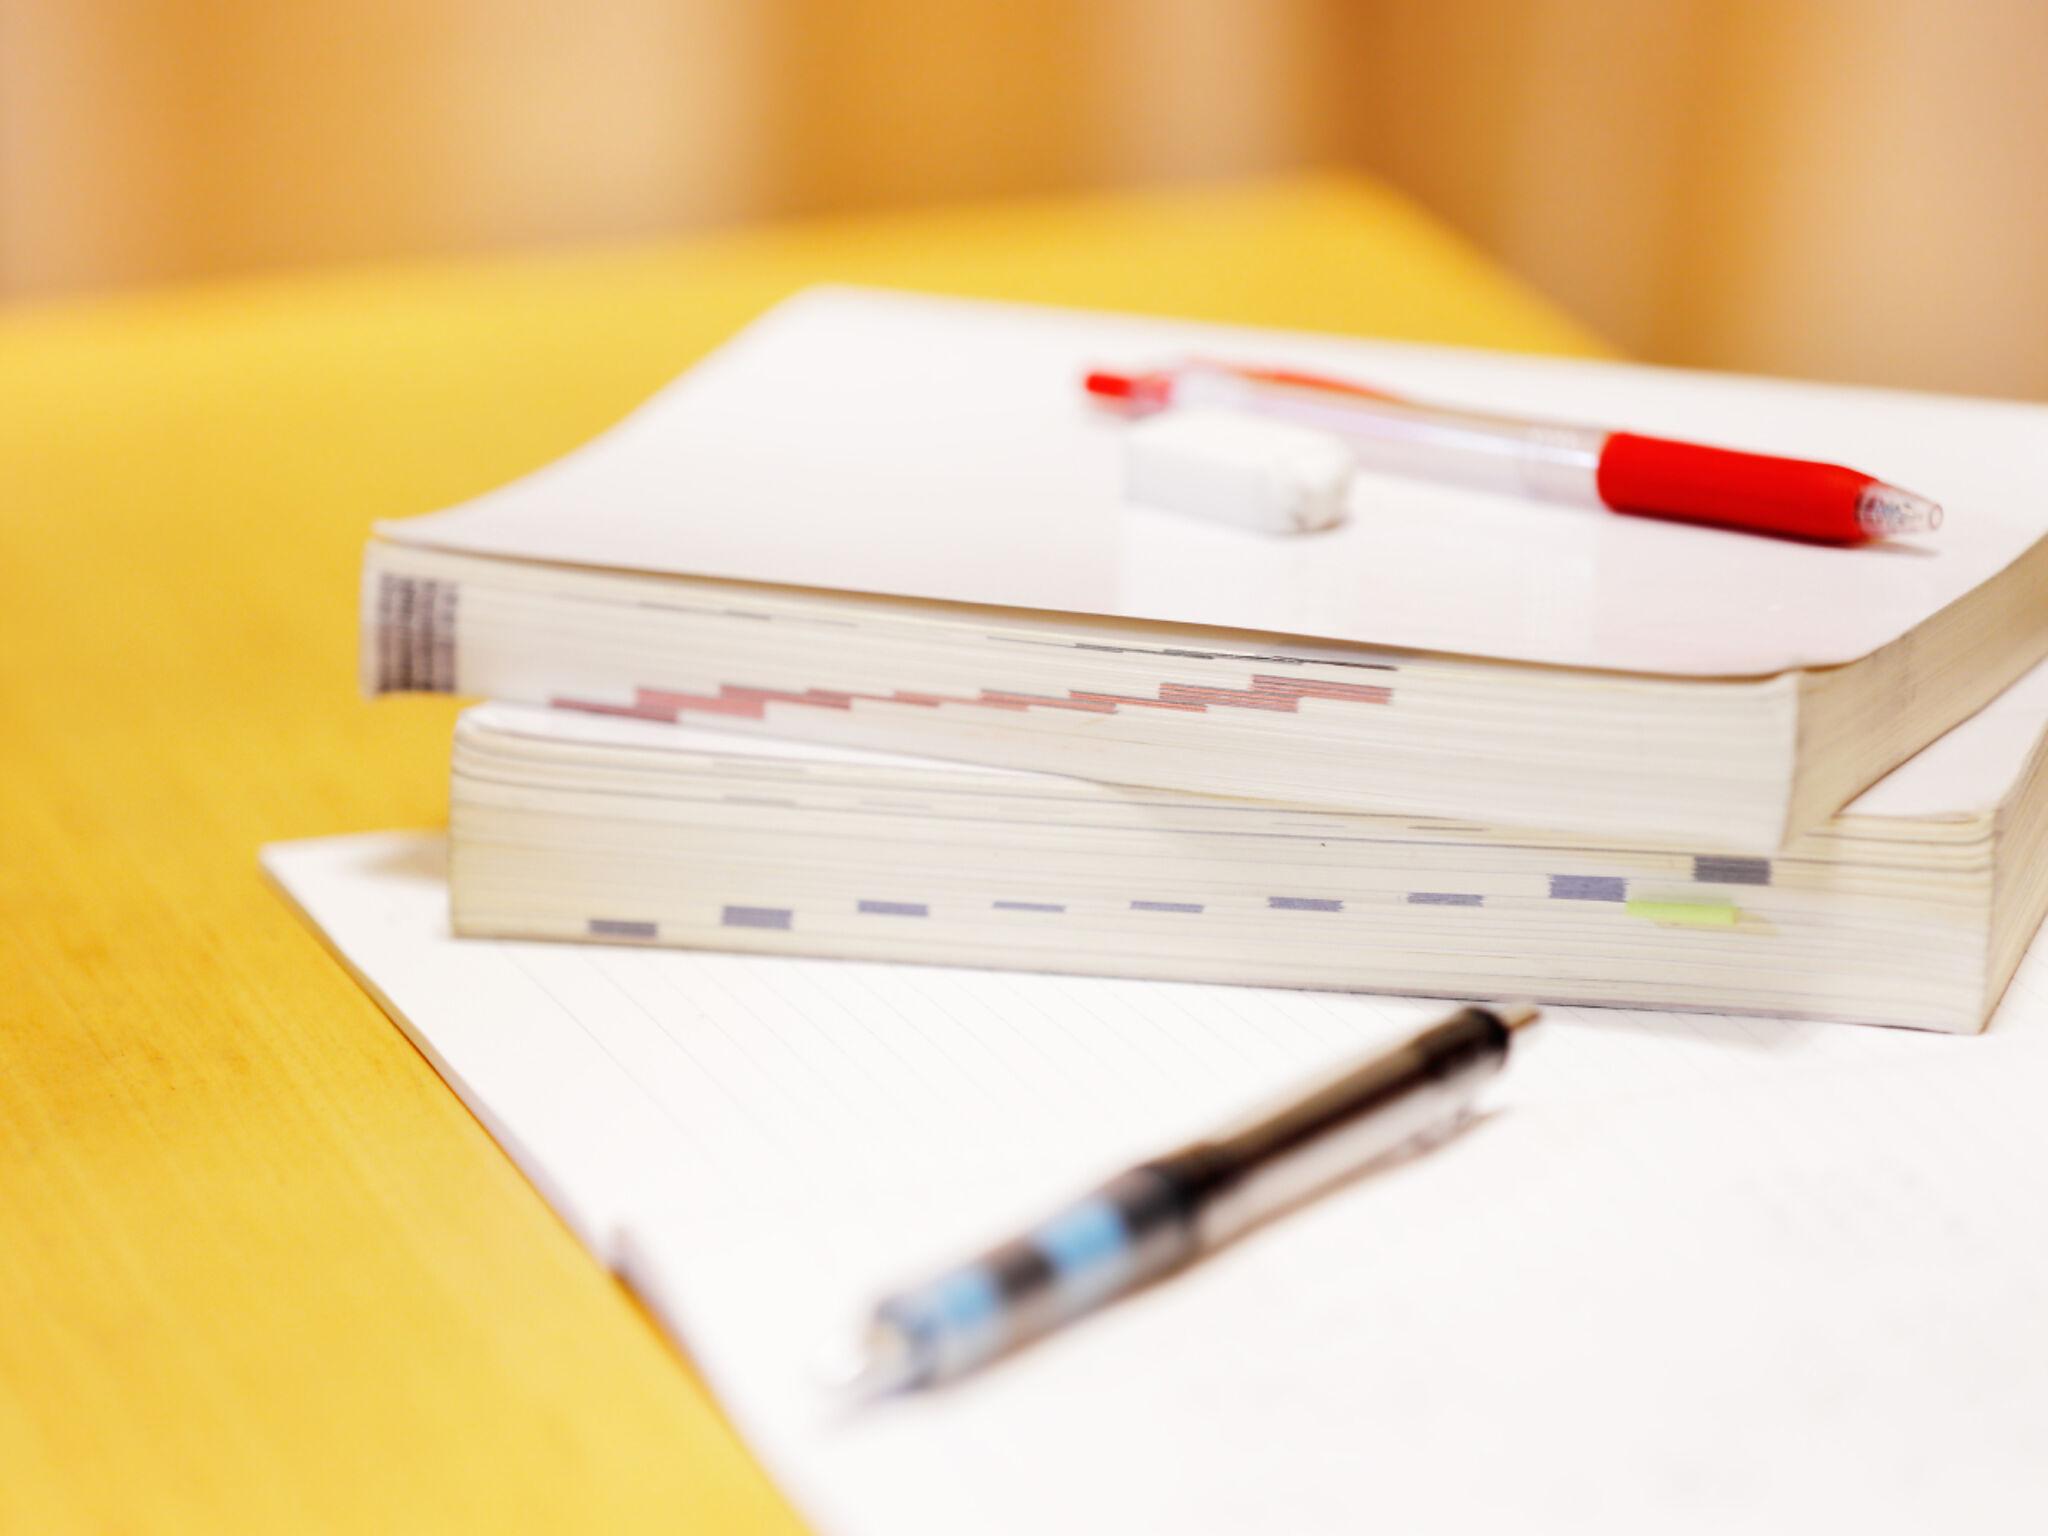 机の上に置かれた教材とペンの画像